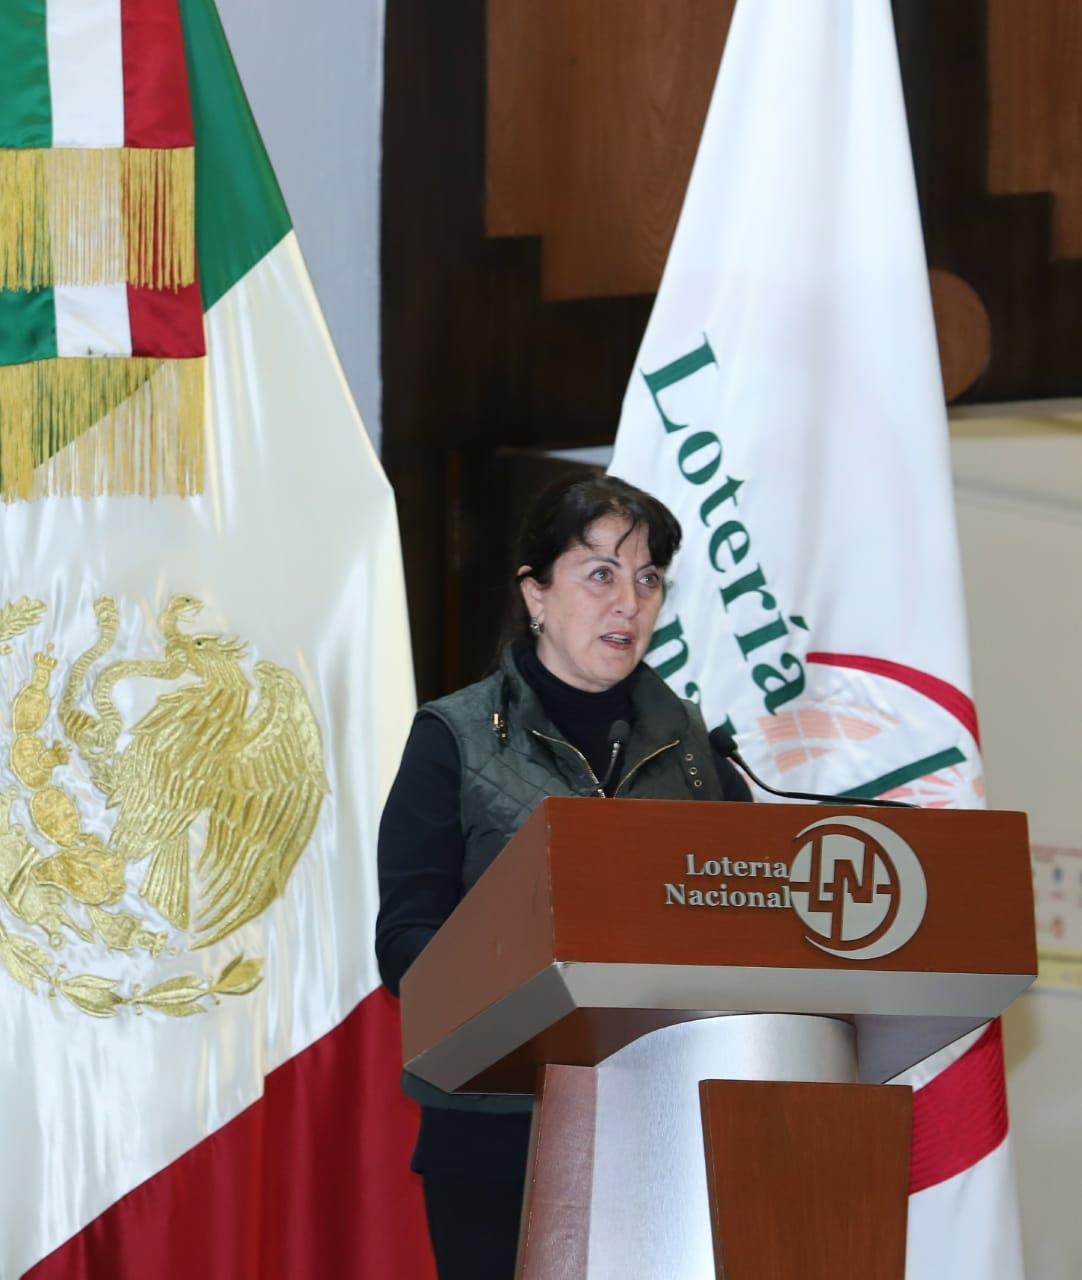 Fotografía de Margarita González Saravia Calderón durante su intervención